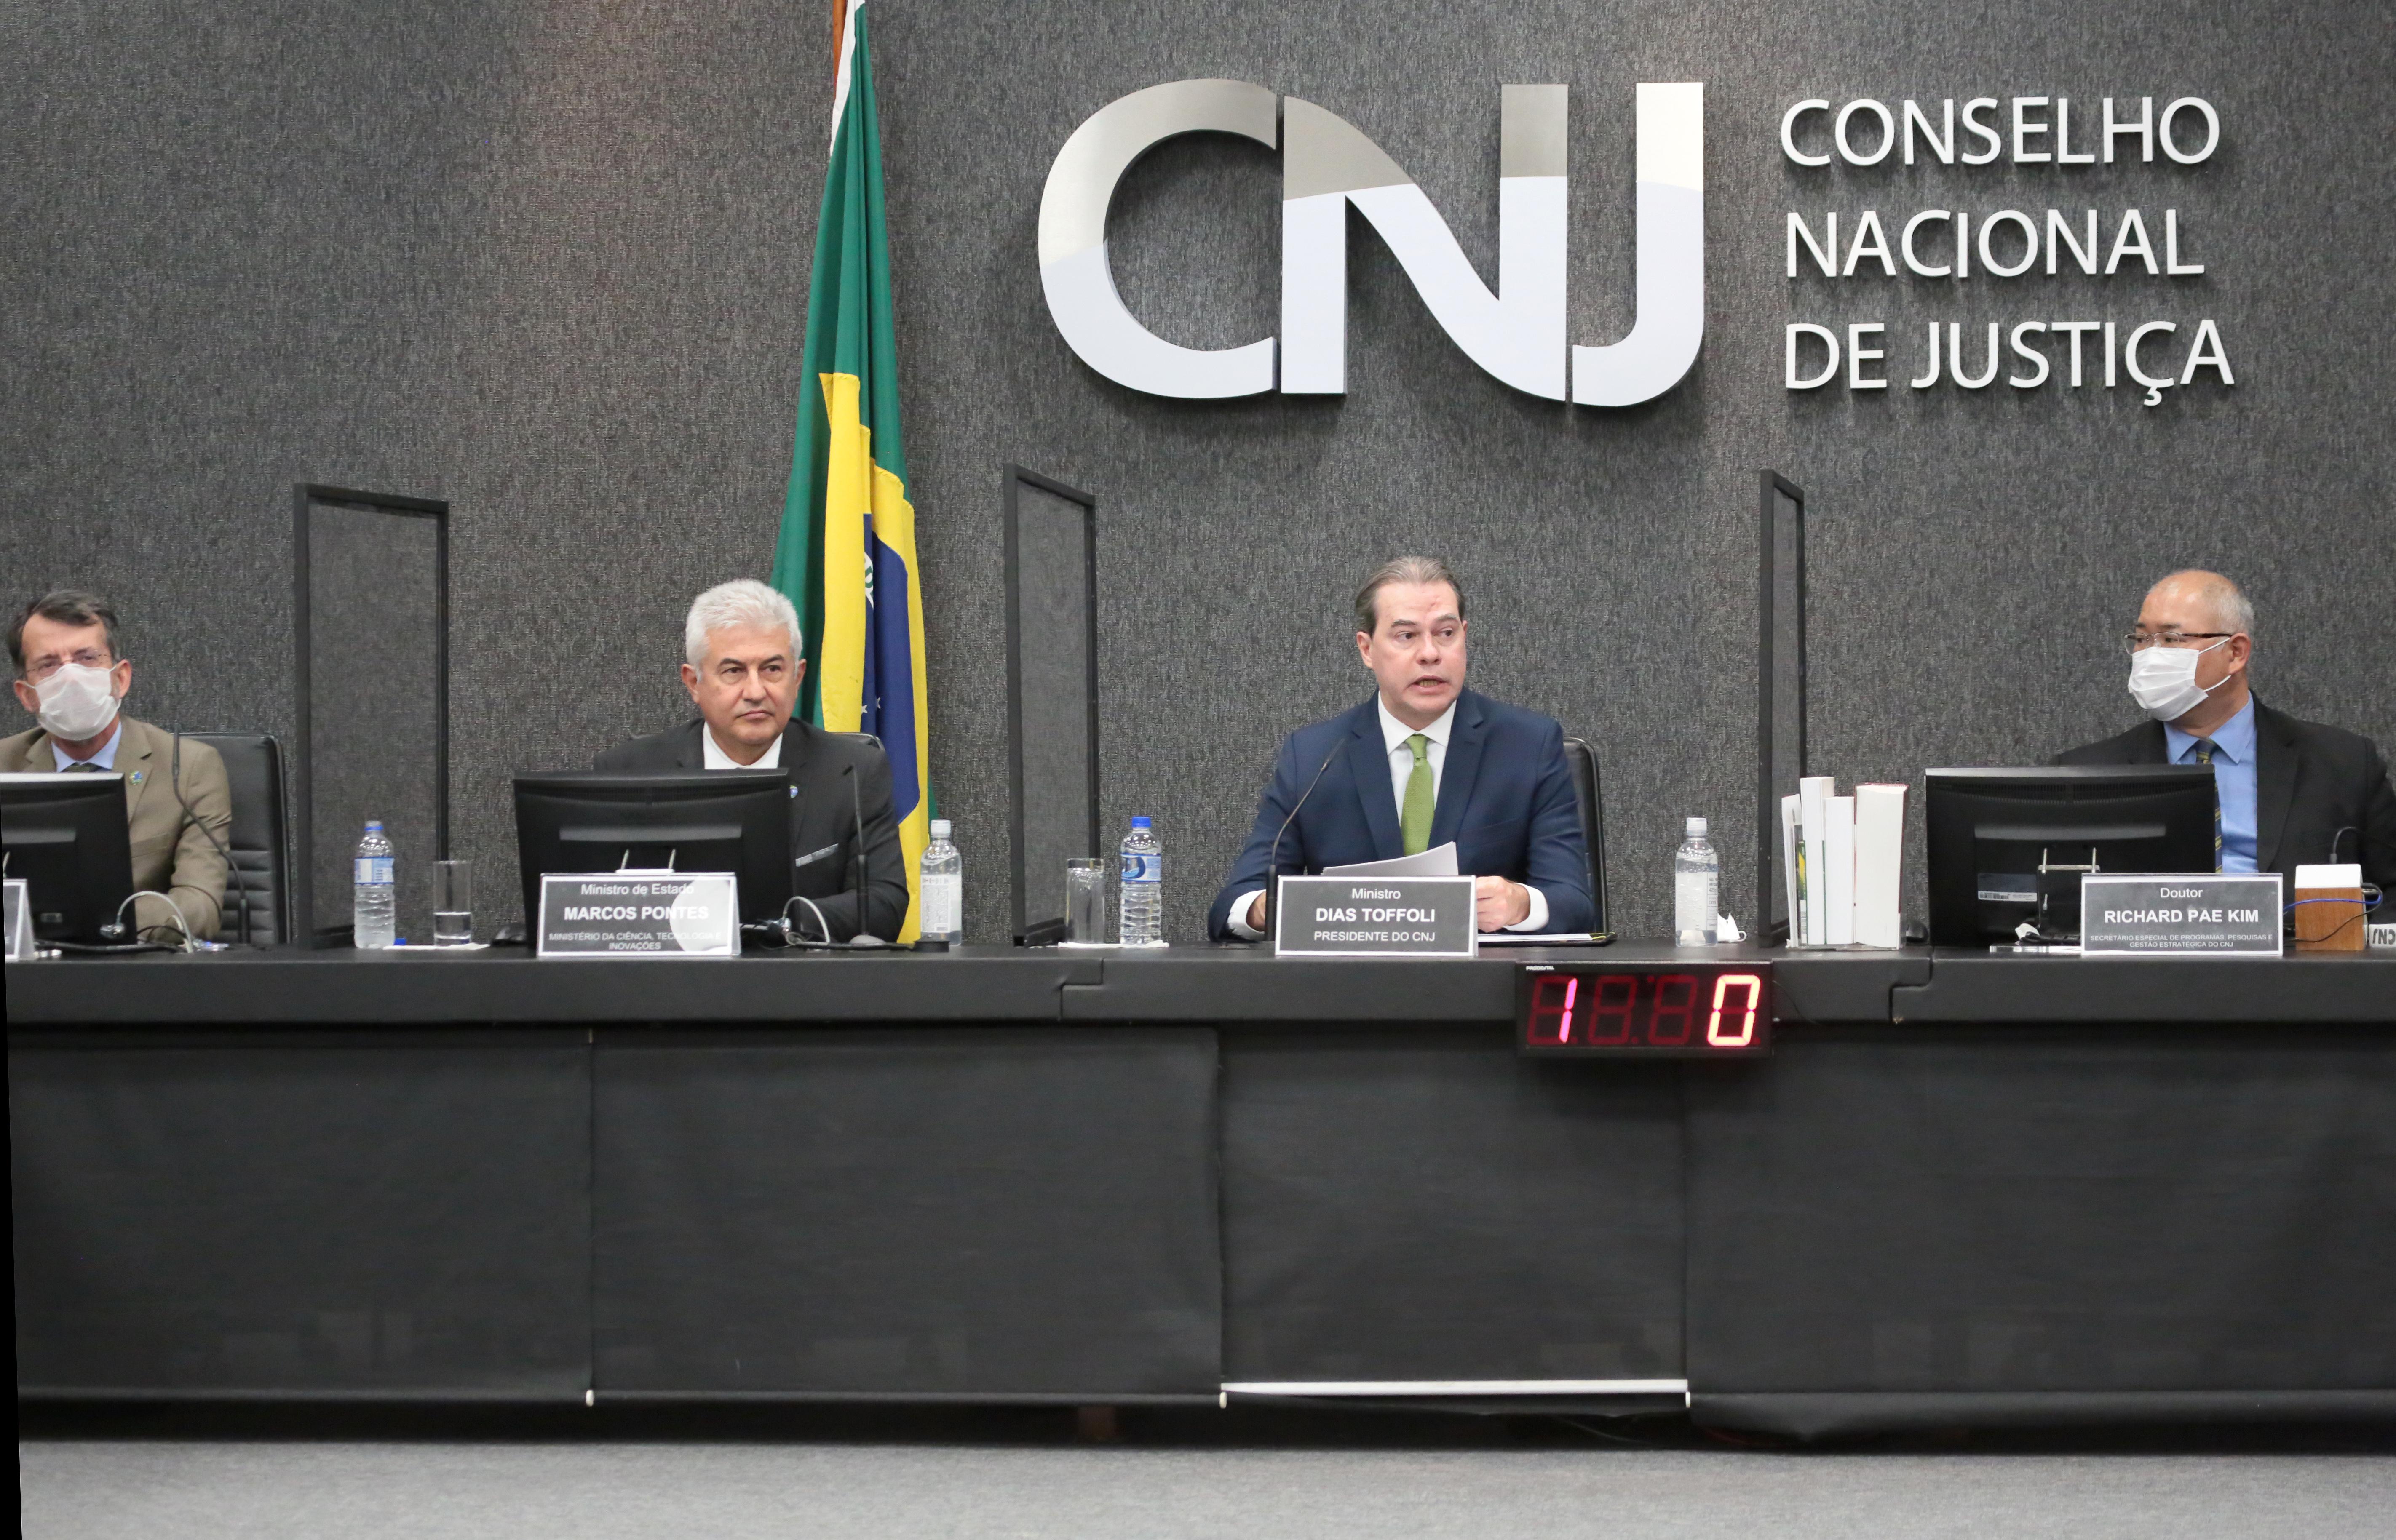 Na mesa, lado a lado, Nelson Simões, Marcos Pontes, Dias Toffoli e Richard Pae Kim